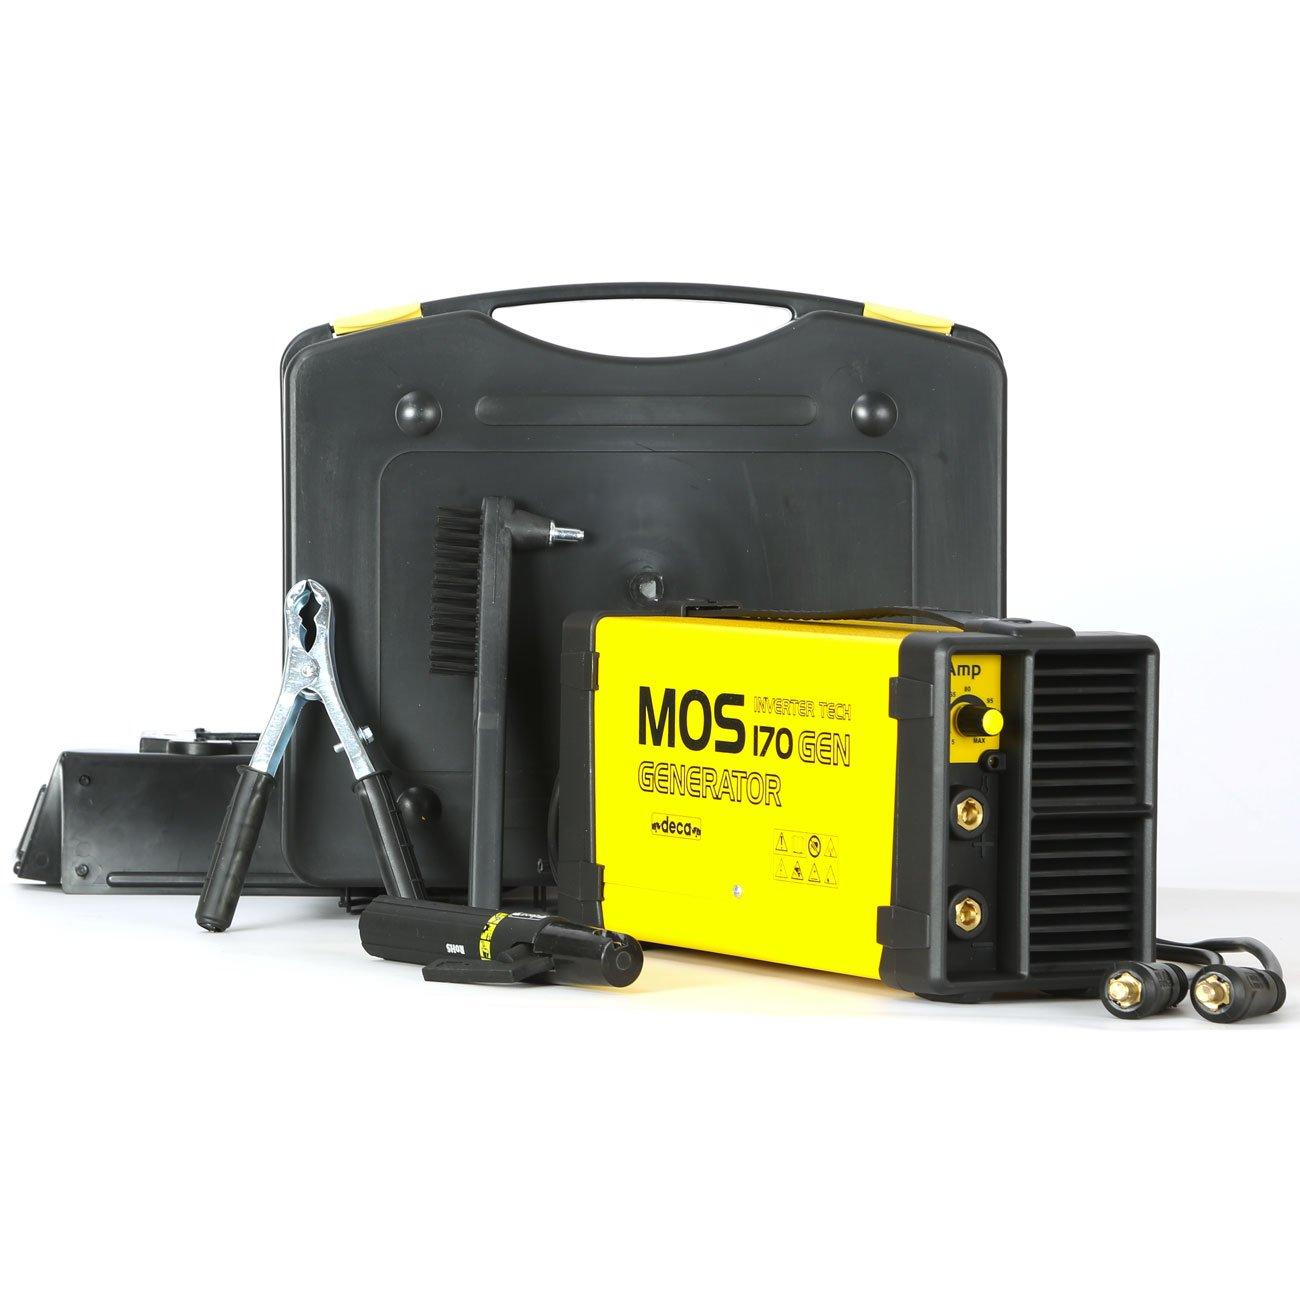 Saldatrice inverter DECA MOS 170 GEN: Amazon.es: Bricolaje y herramientas